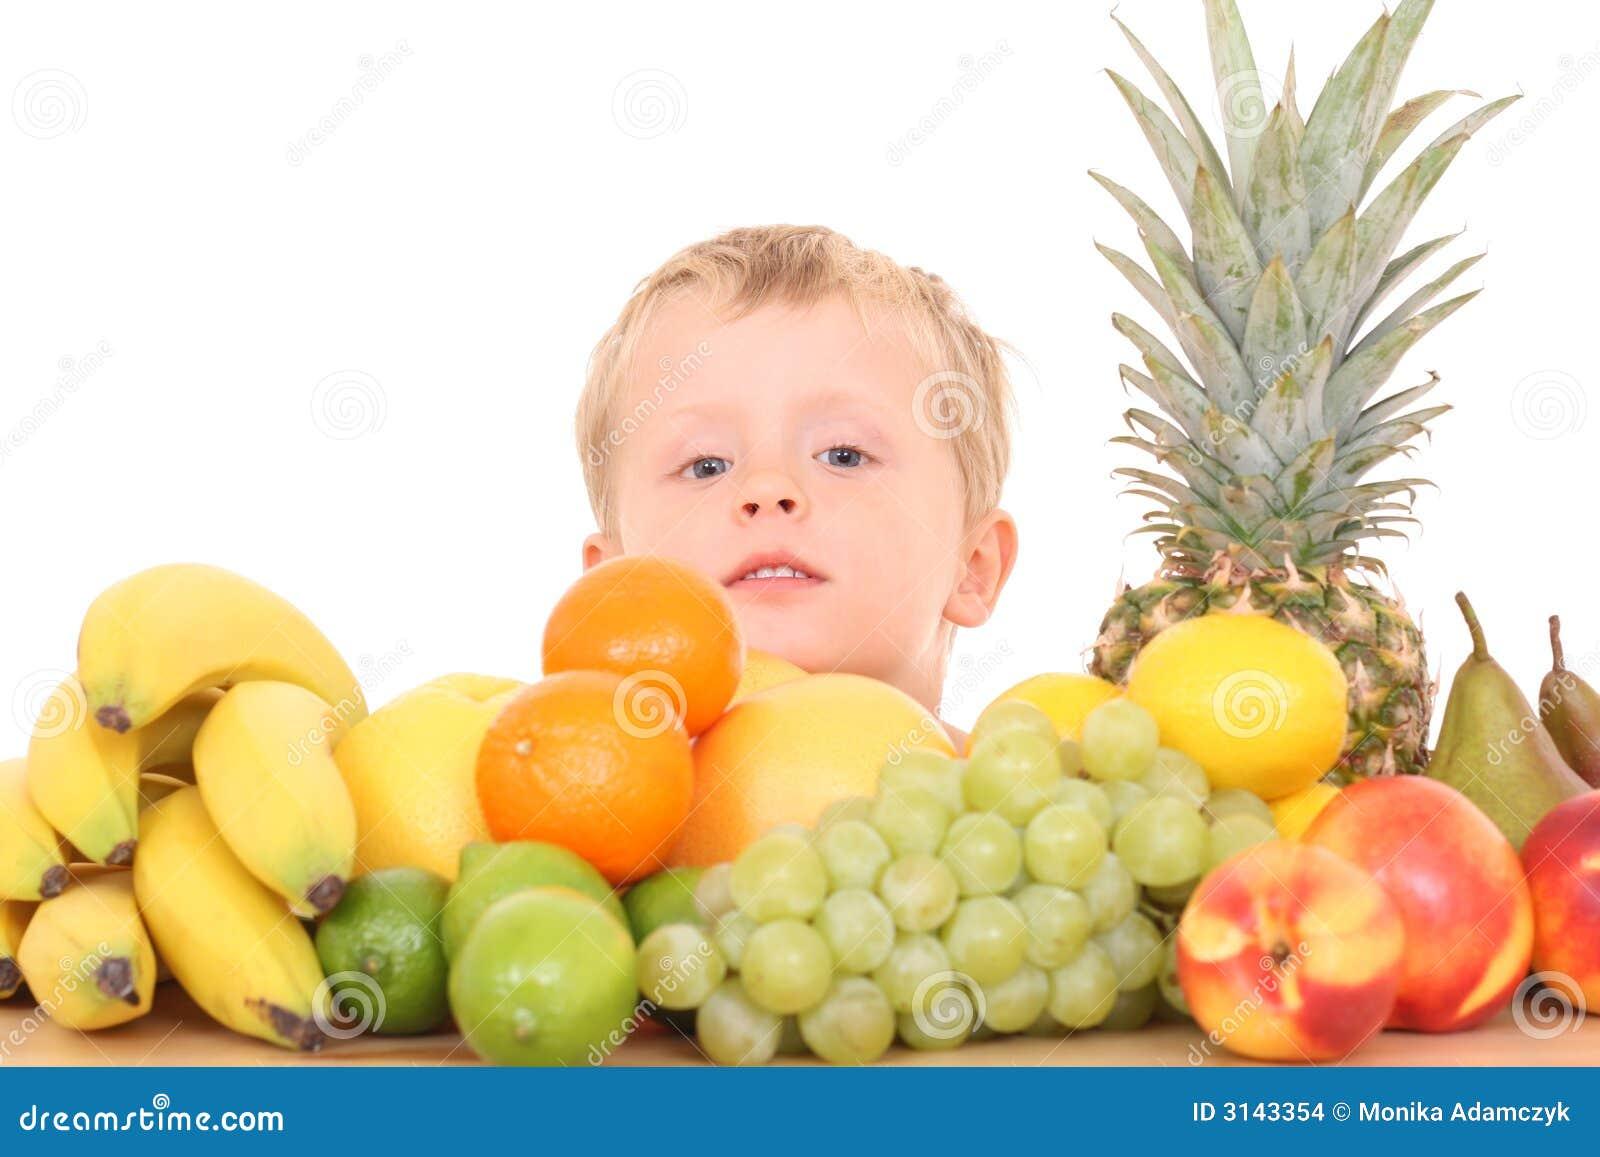 水果的孩子